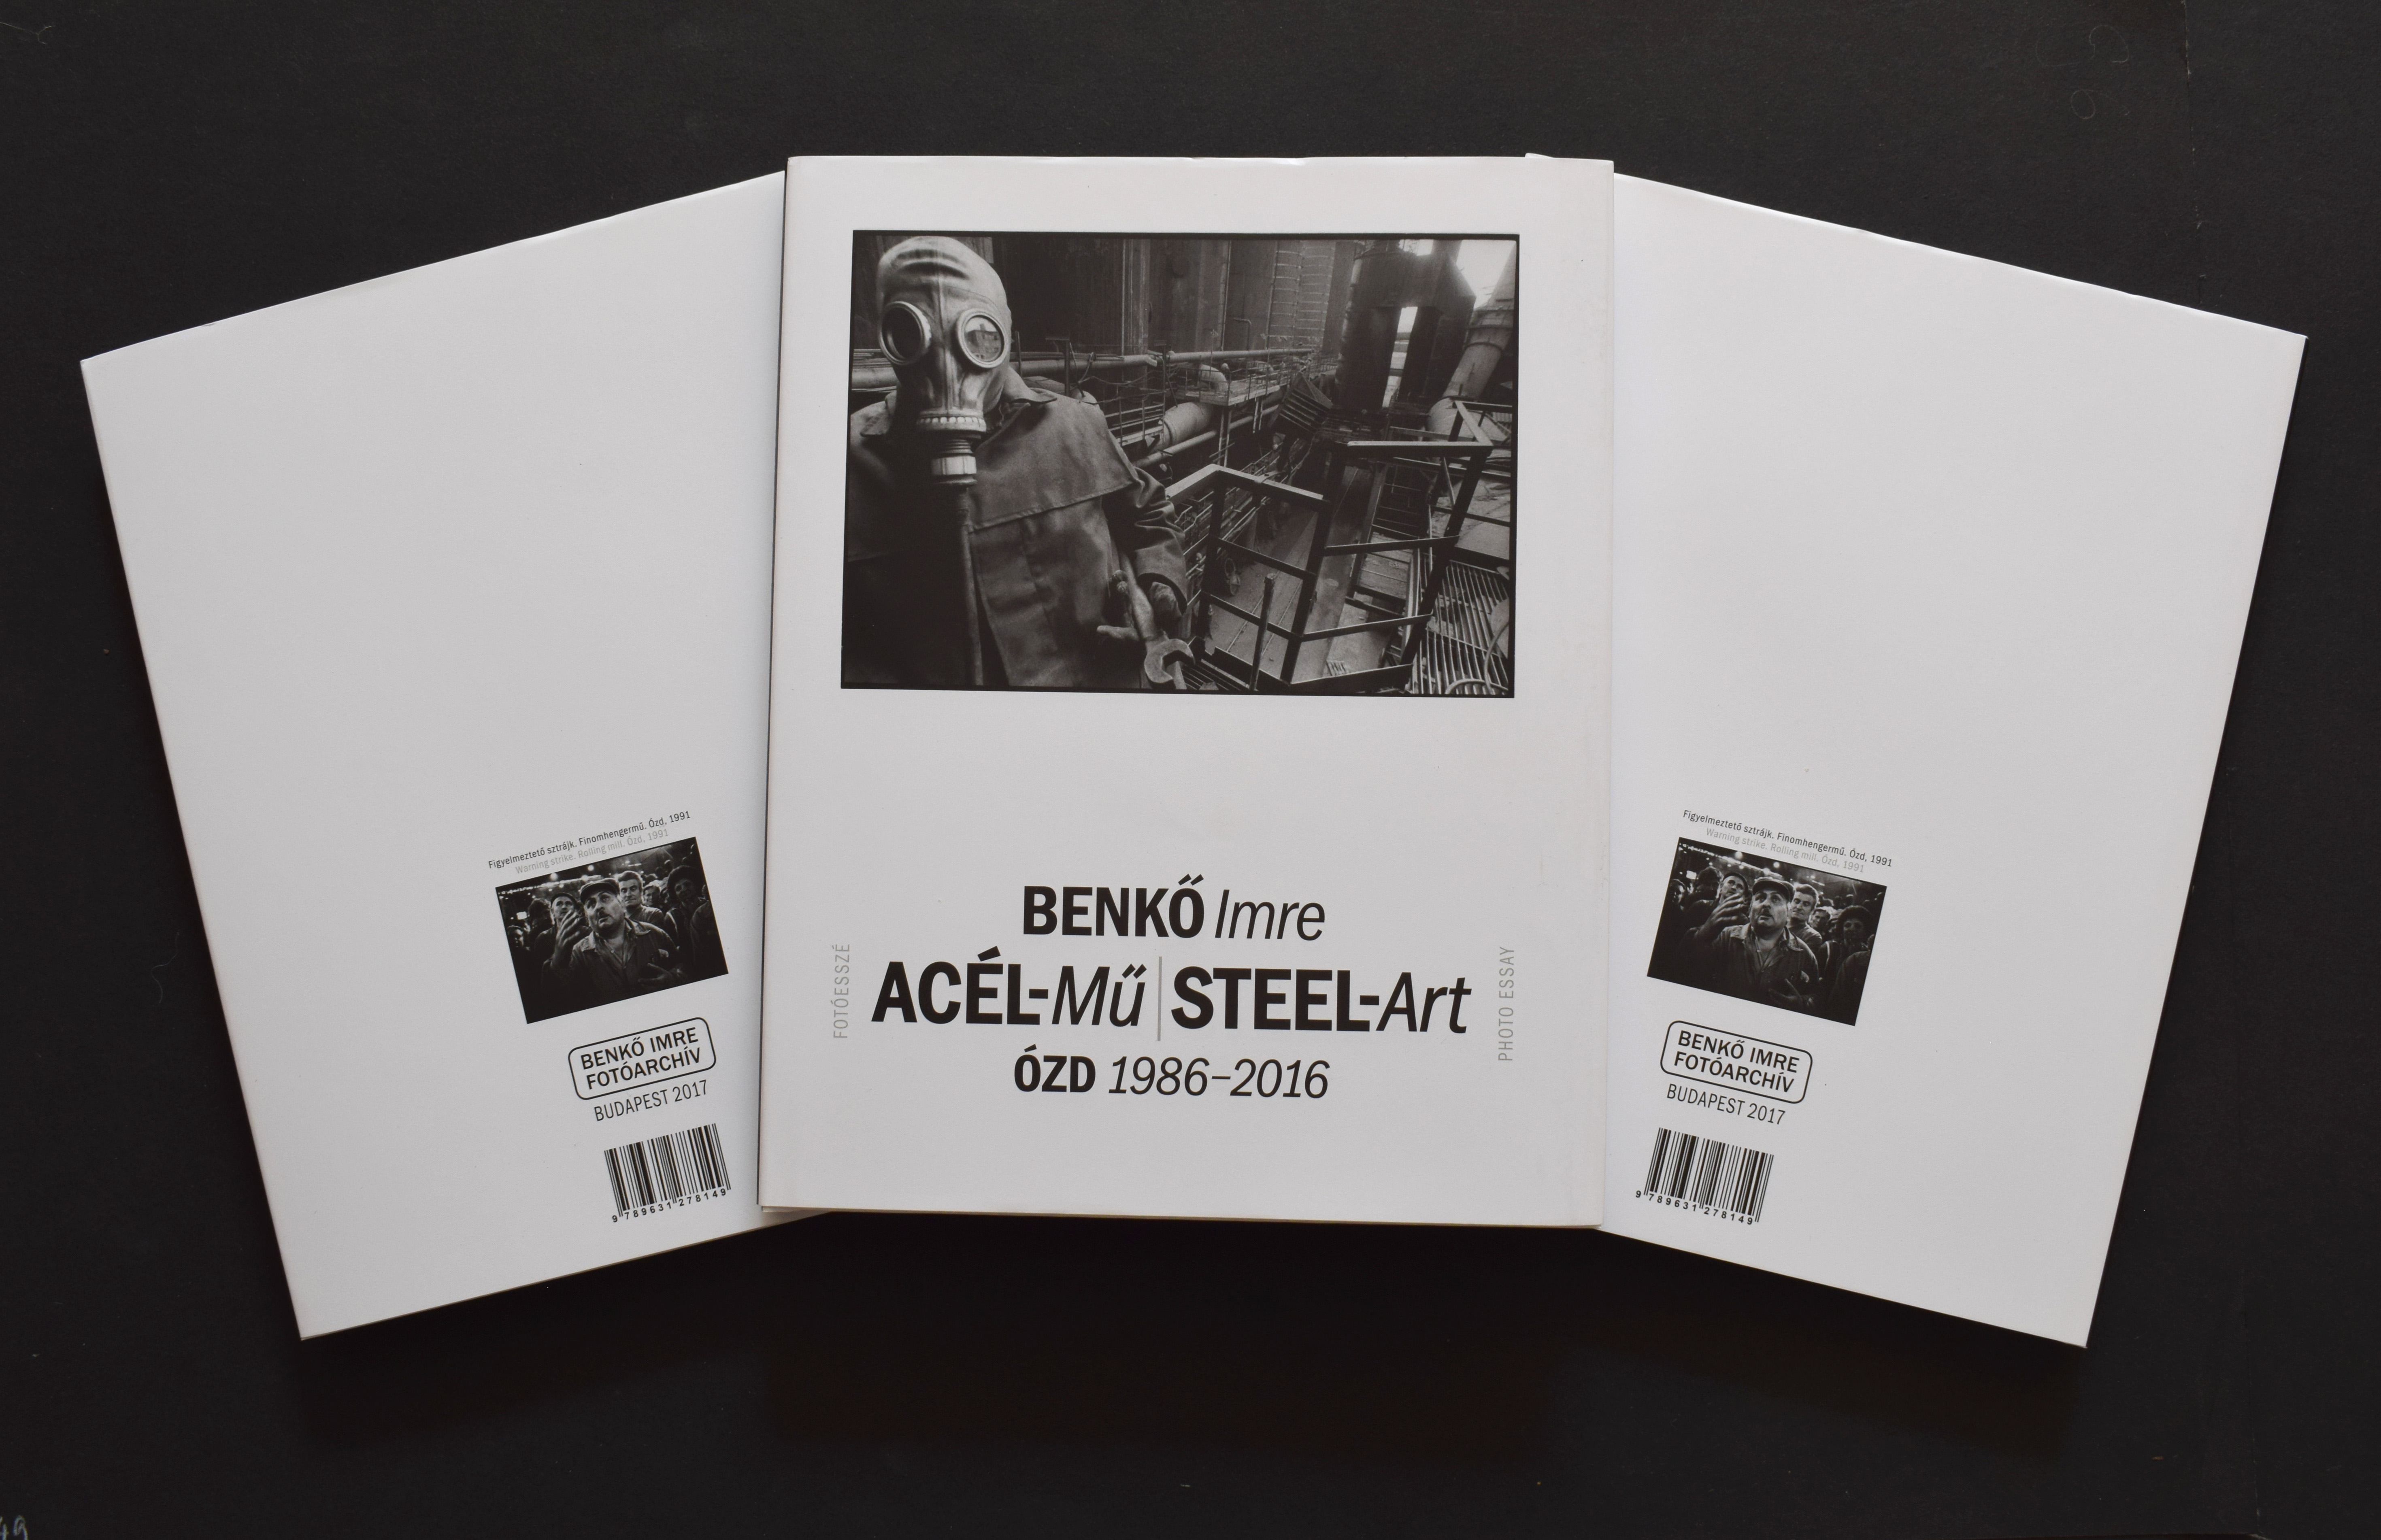 Könyvbemutató – Benkő Imre: ACÉL-Mű / STEEL-Art  ÓZD, 1986-2016